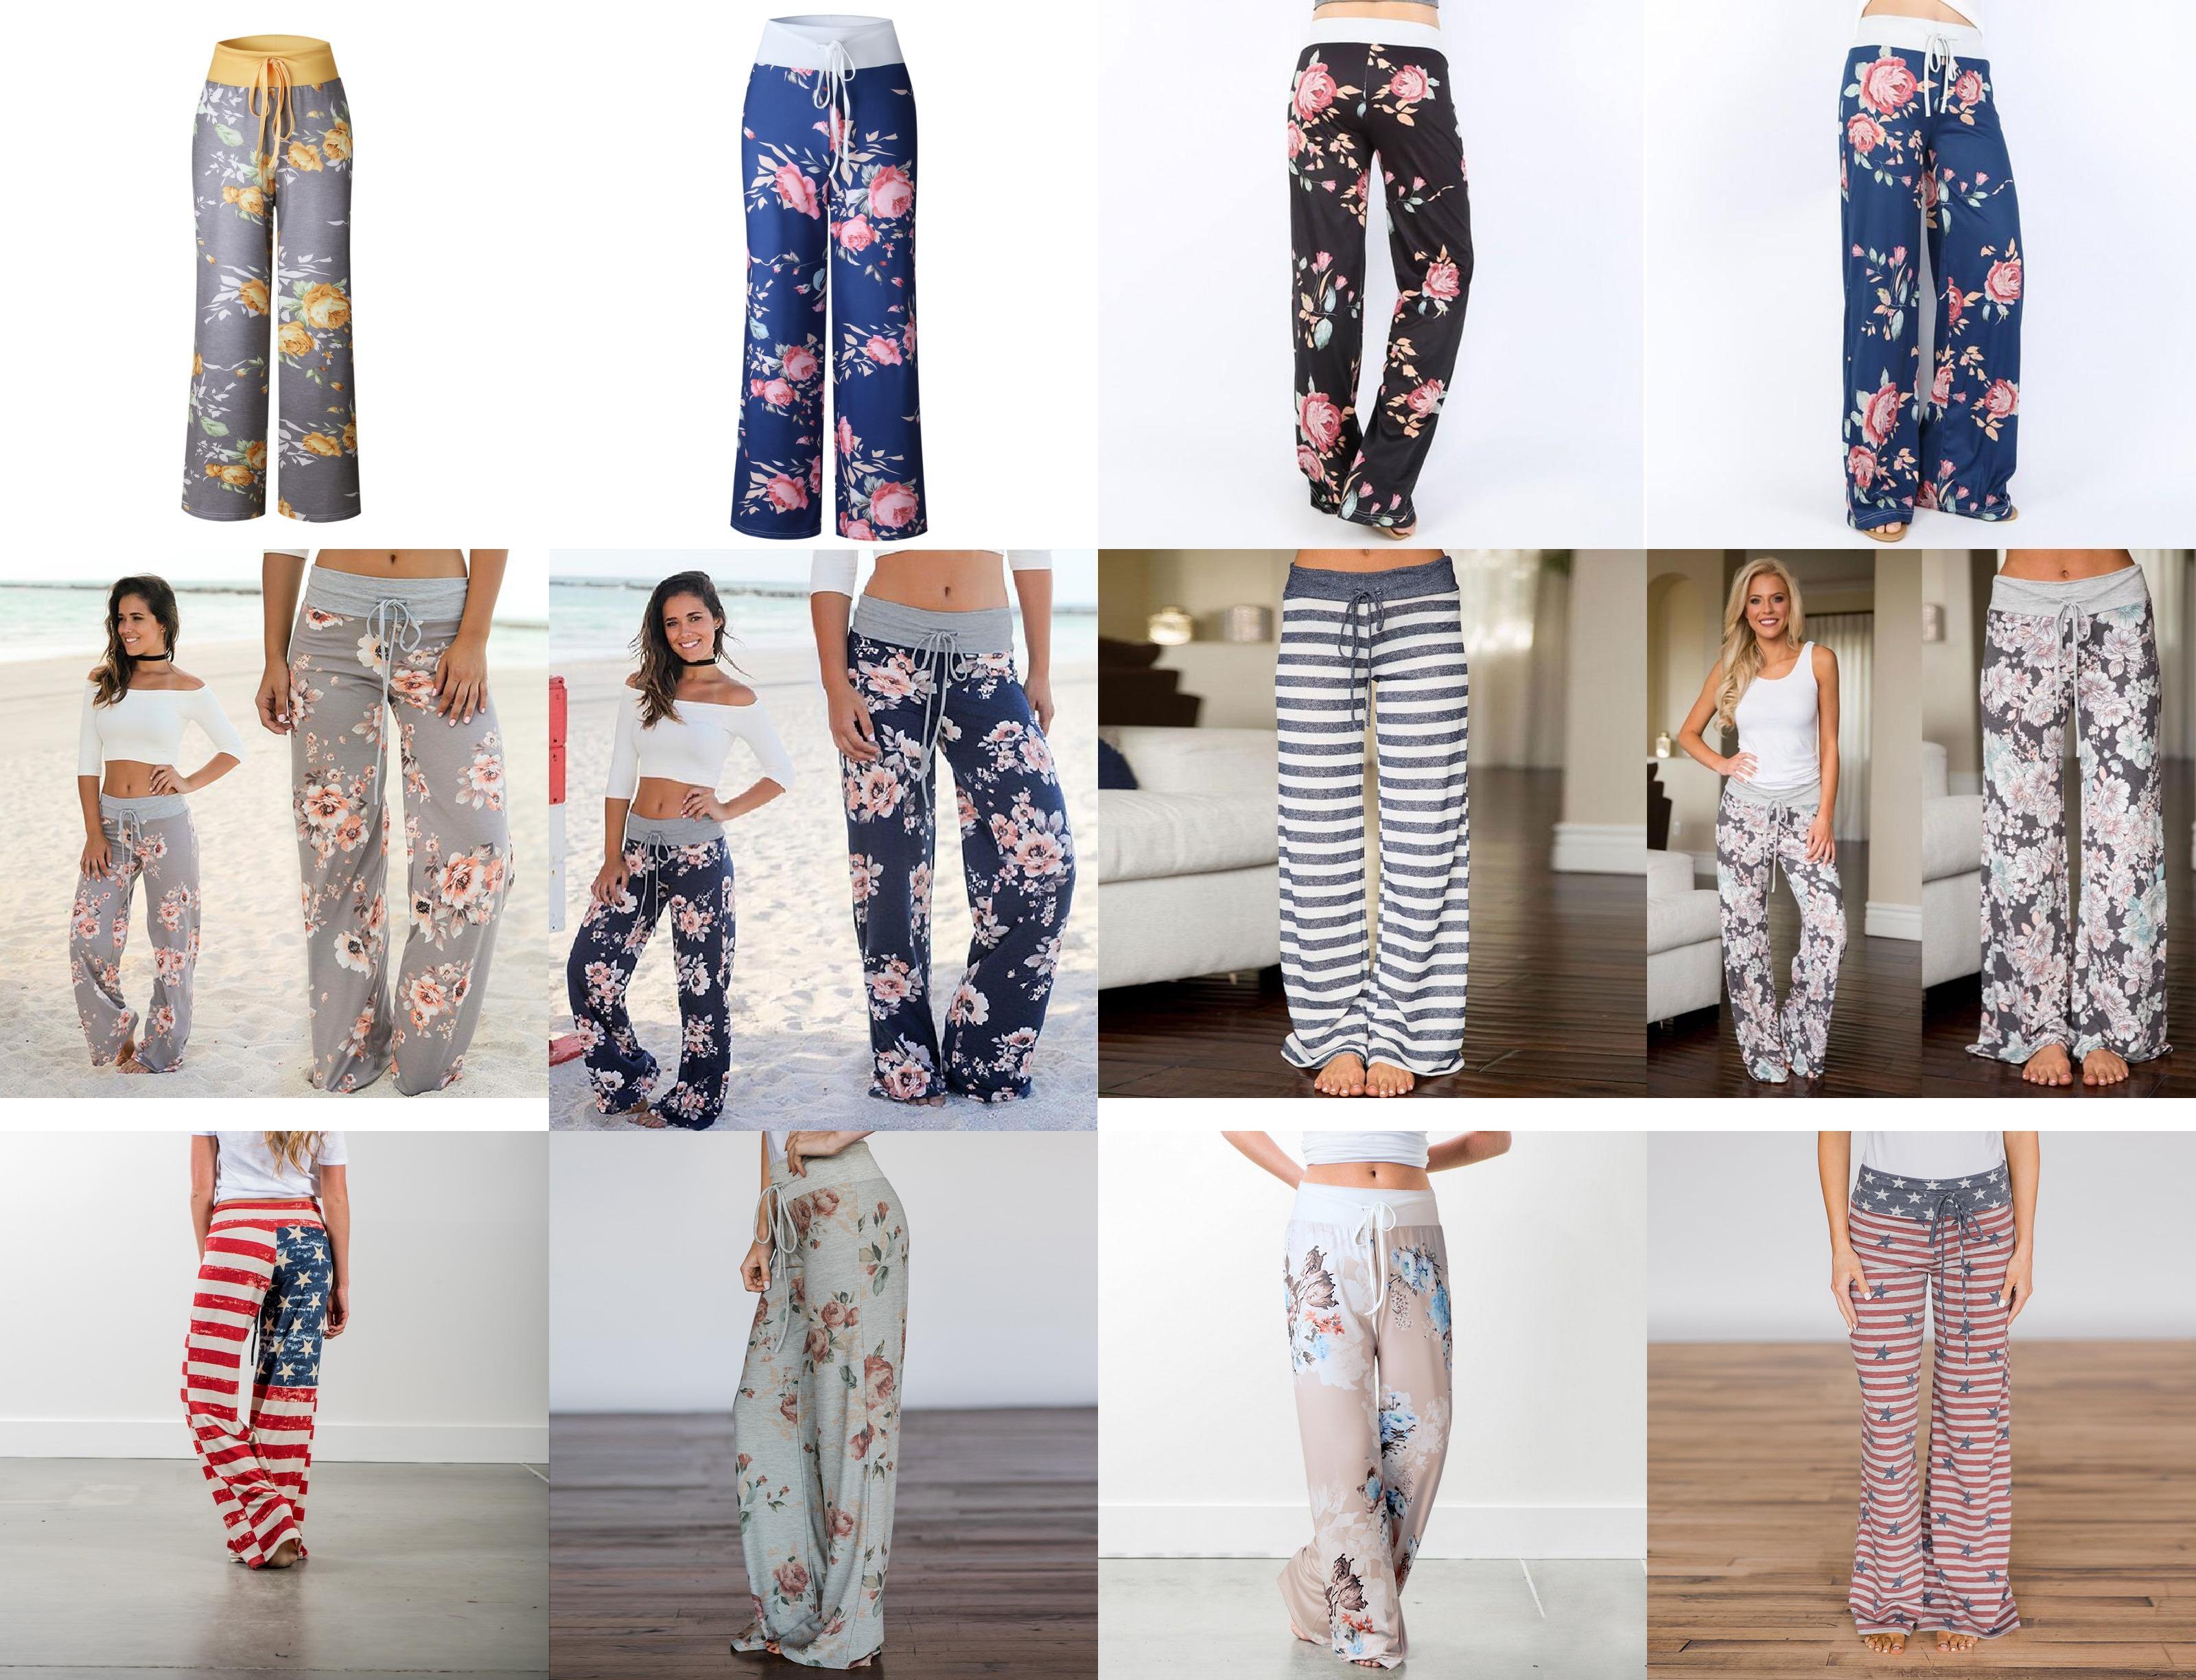 Loose Women Pantaloni stampa floreale con coulisse Casual pantaloni larghi del piedino pantaloni lunghi Pantaloni sportivi Grande più il formato S-3XL